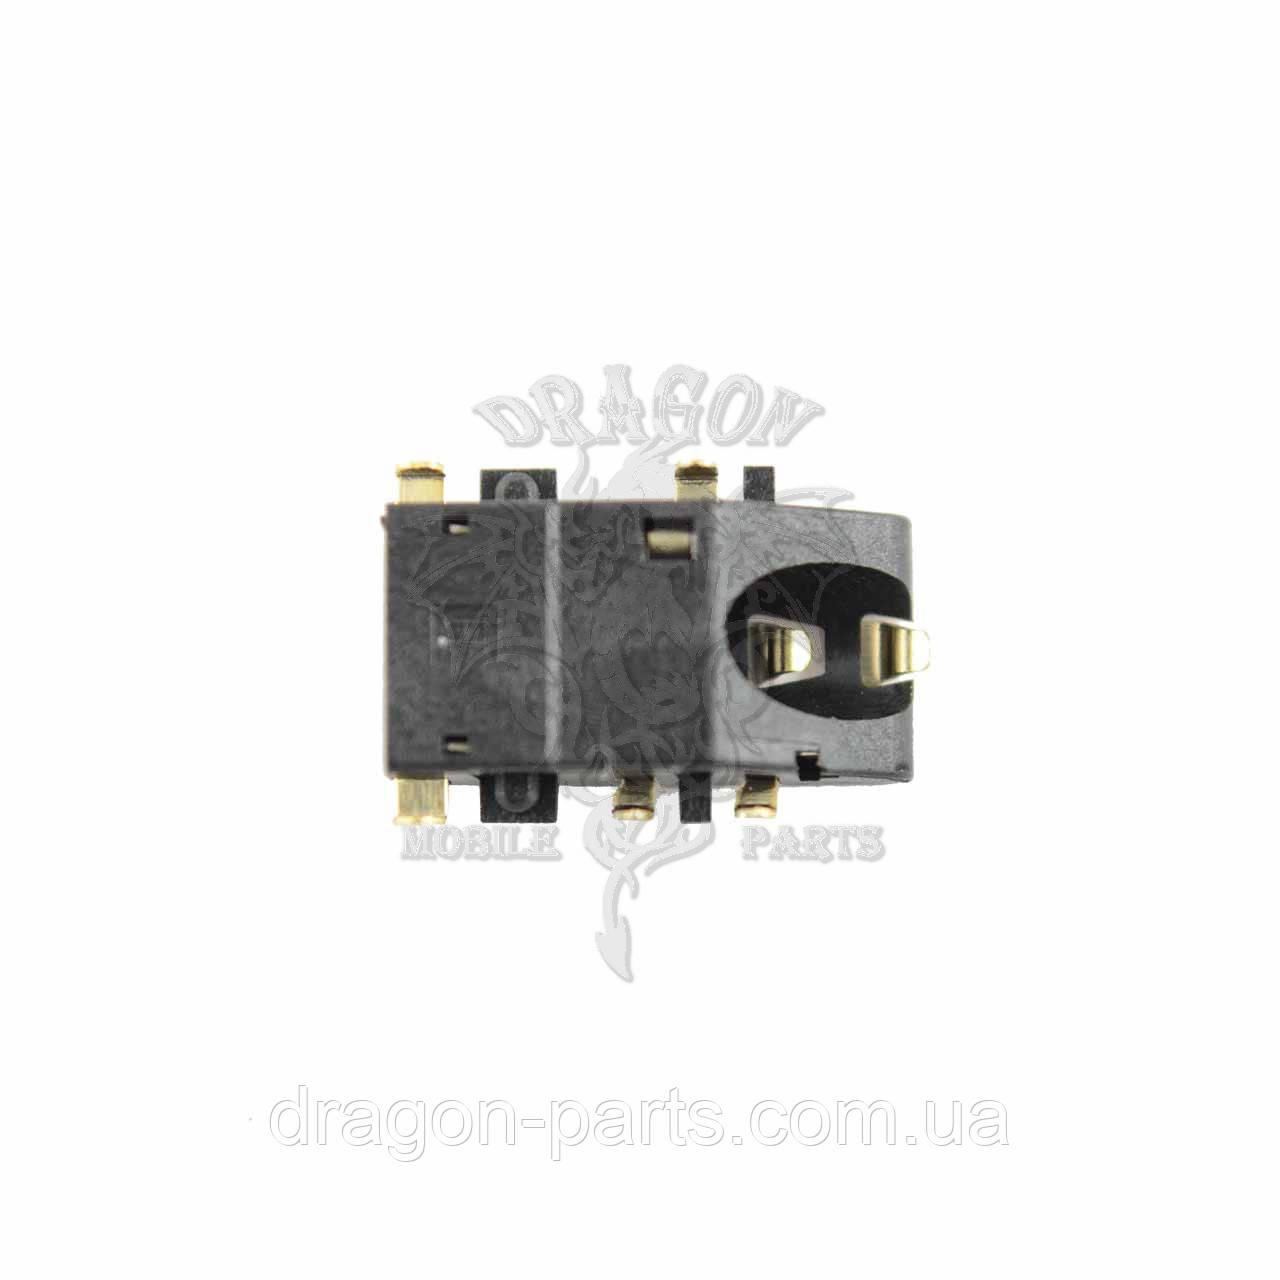 Разъем коннектор гарнитуры Nomi Ultra 3 C101012, оригинал